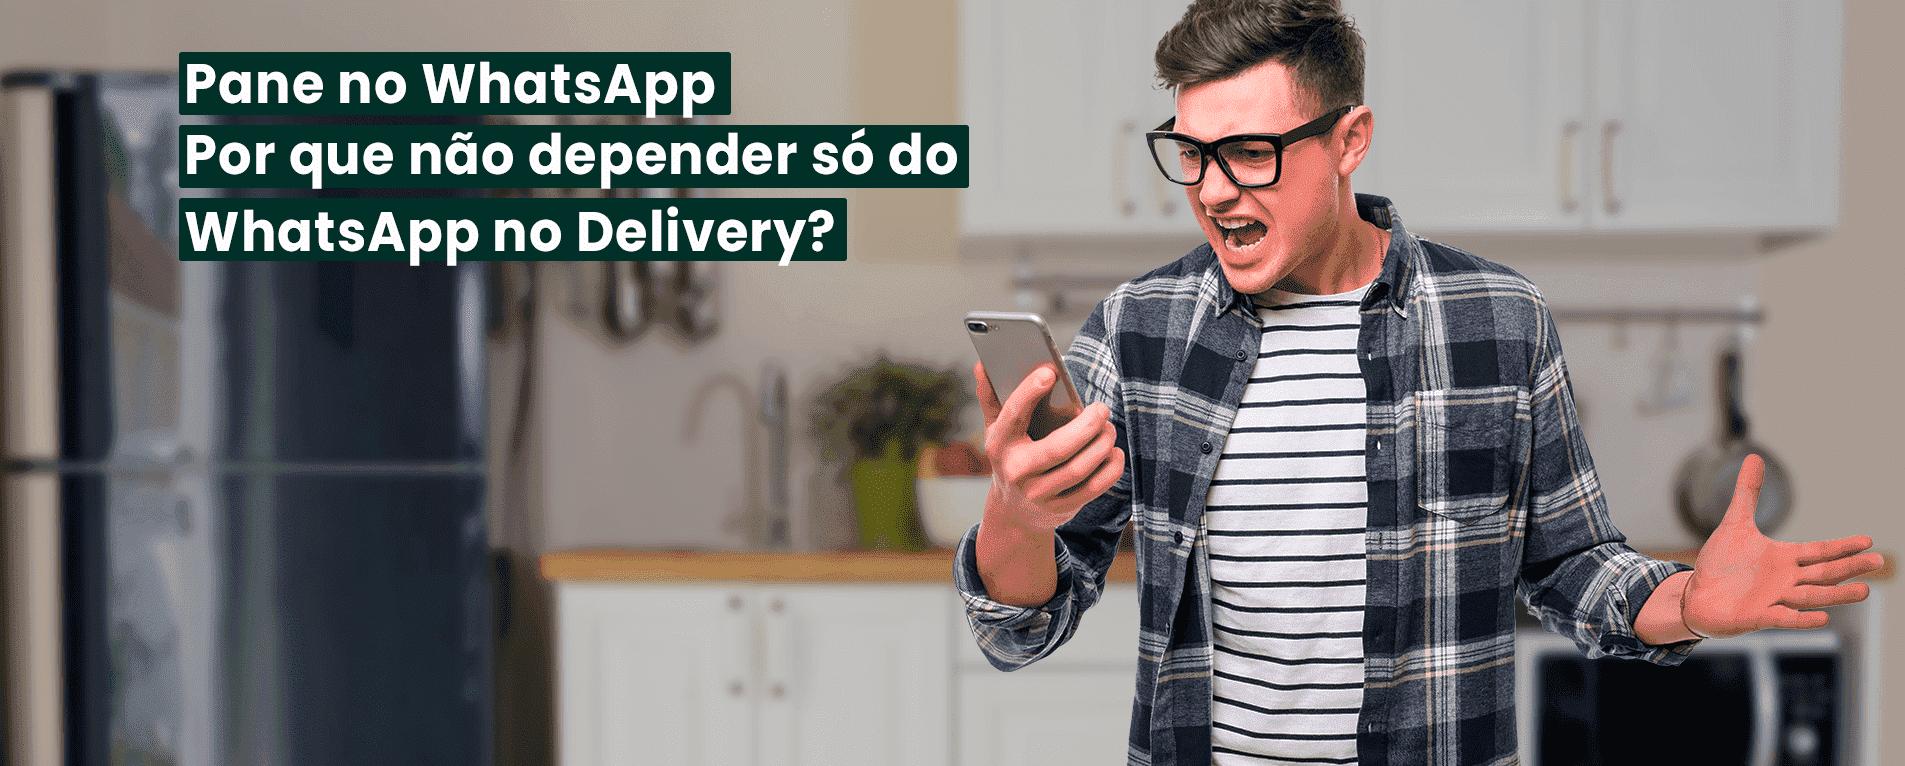 Pane no WhatsApp: Por Que Não Depender só do WhatsApp no Delivery?